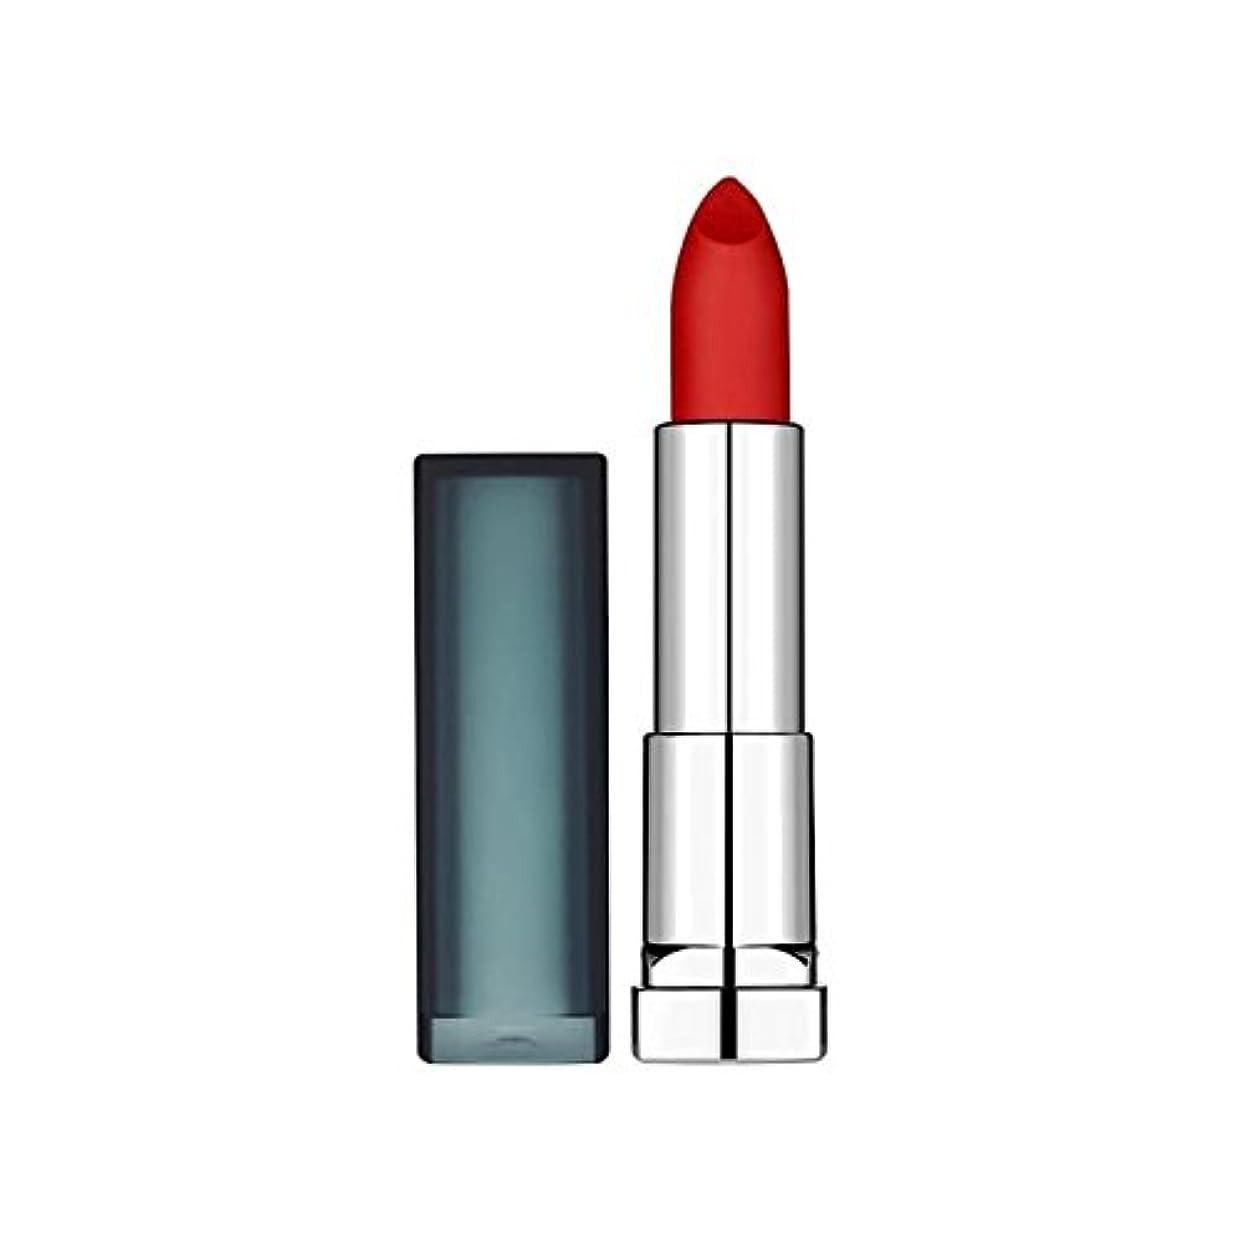 数値クロール分析的なMaybelline Color Sensational Lipstick 965 Siren in Scarlet (Pack of 6) - メイベリンカラー扇情口紅スカーレット965のサイレン x6 [並行輸入品]